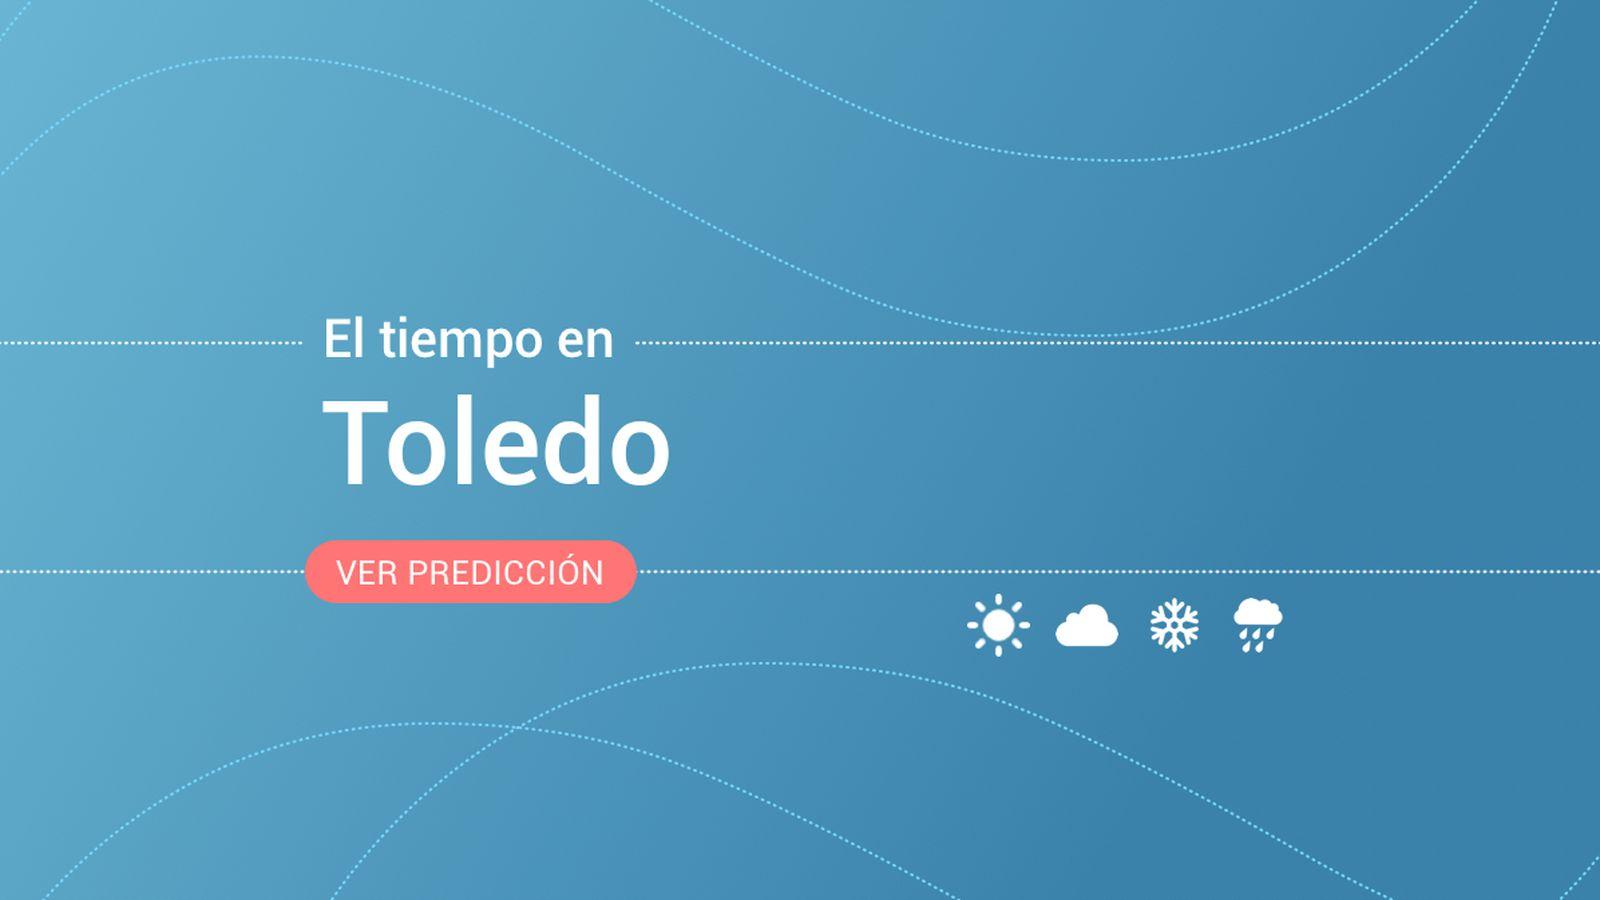 Foto: El tiempo en Toledo. (EC)